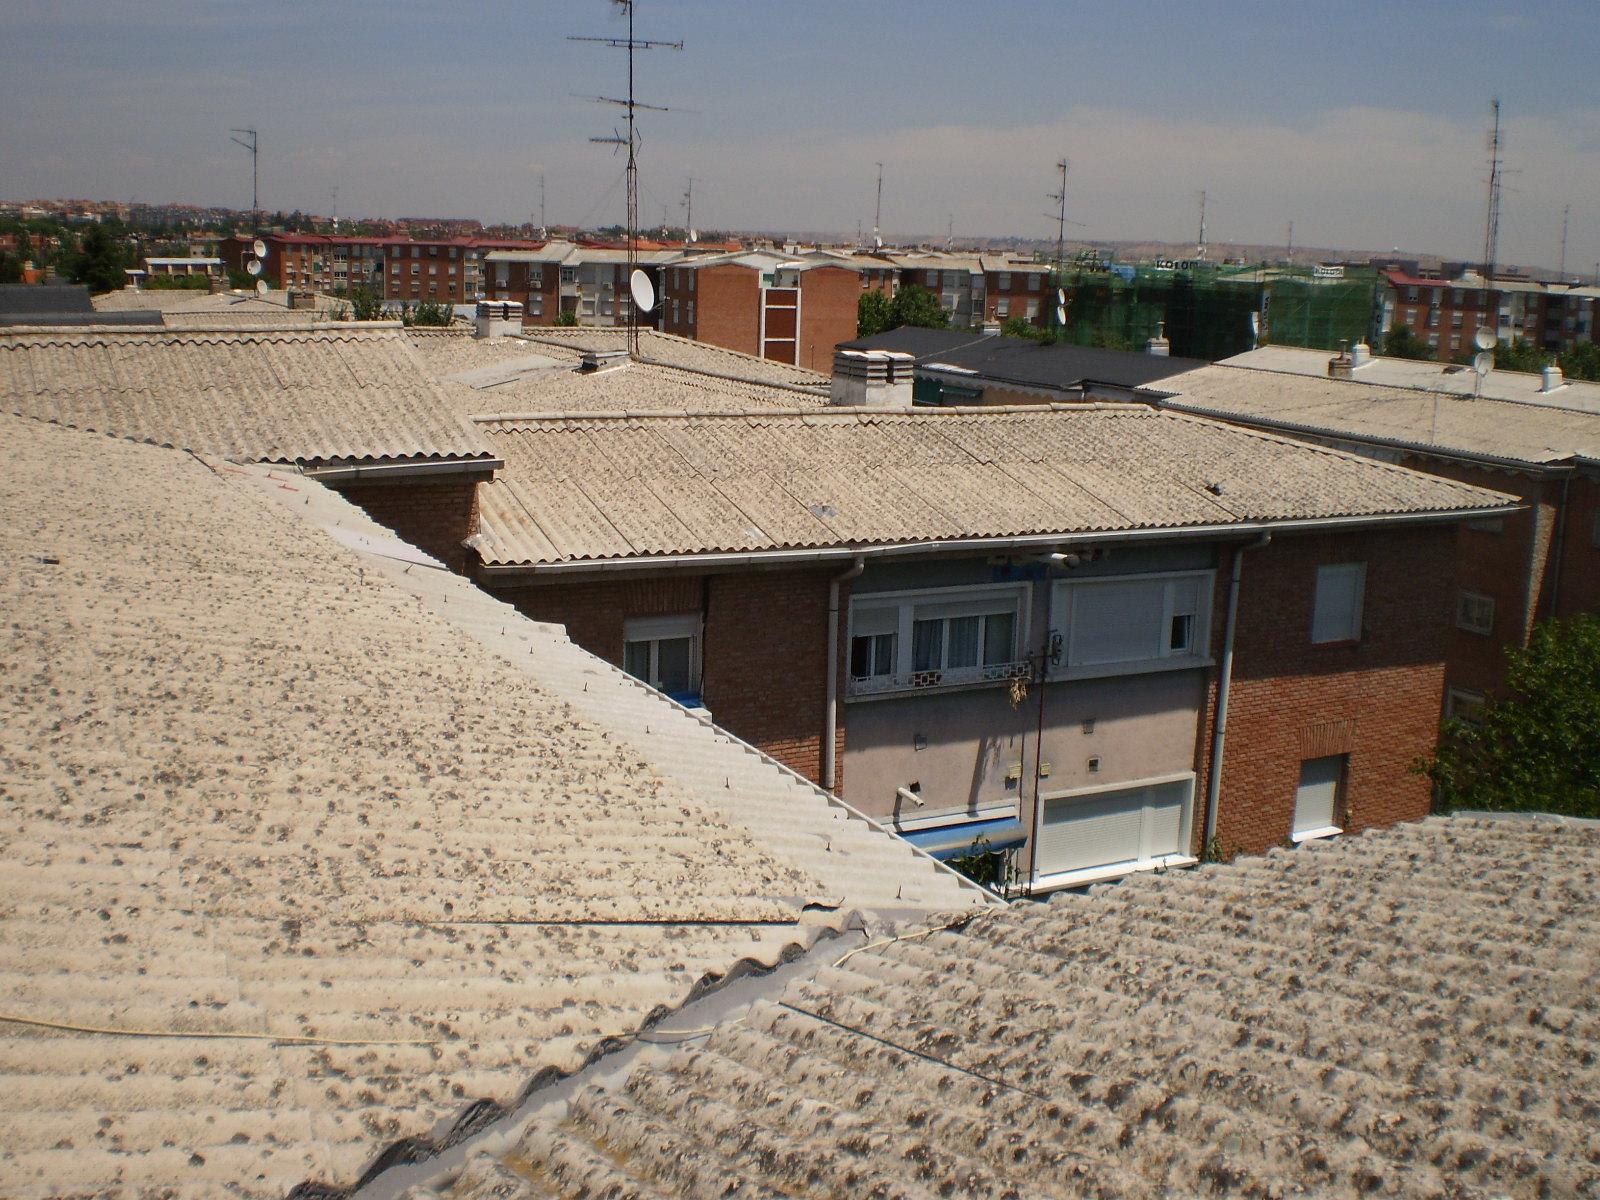 Metal y amianto sustituci n tejado de uralita con amianto for Fibrocemento sin amianto